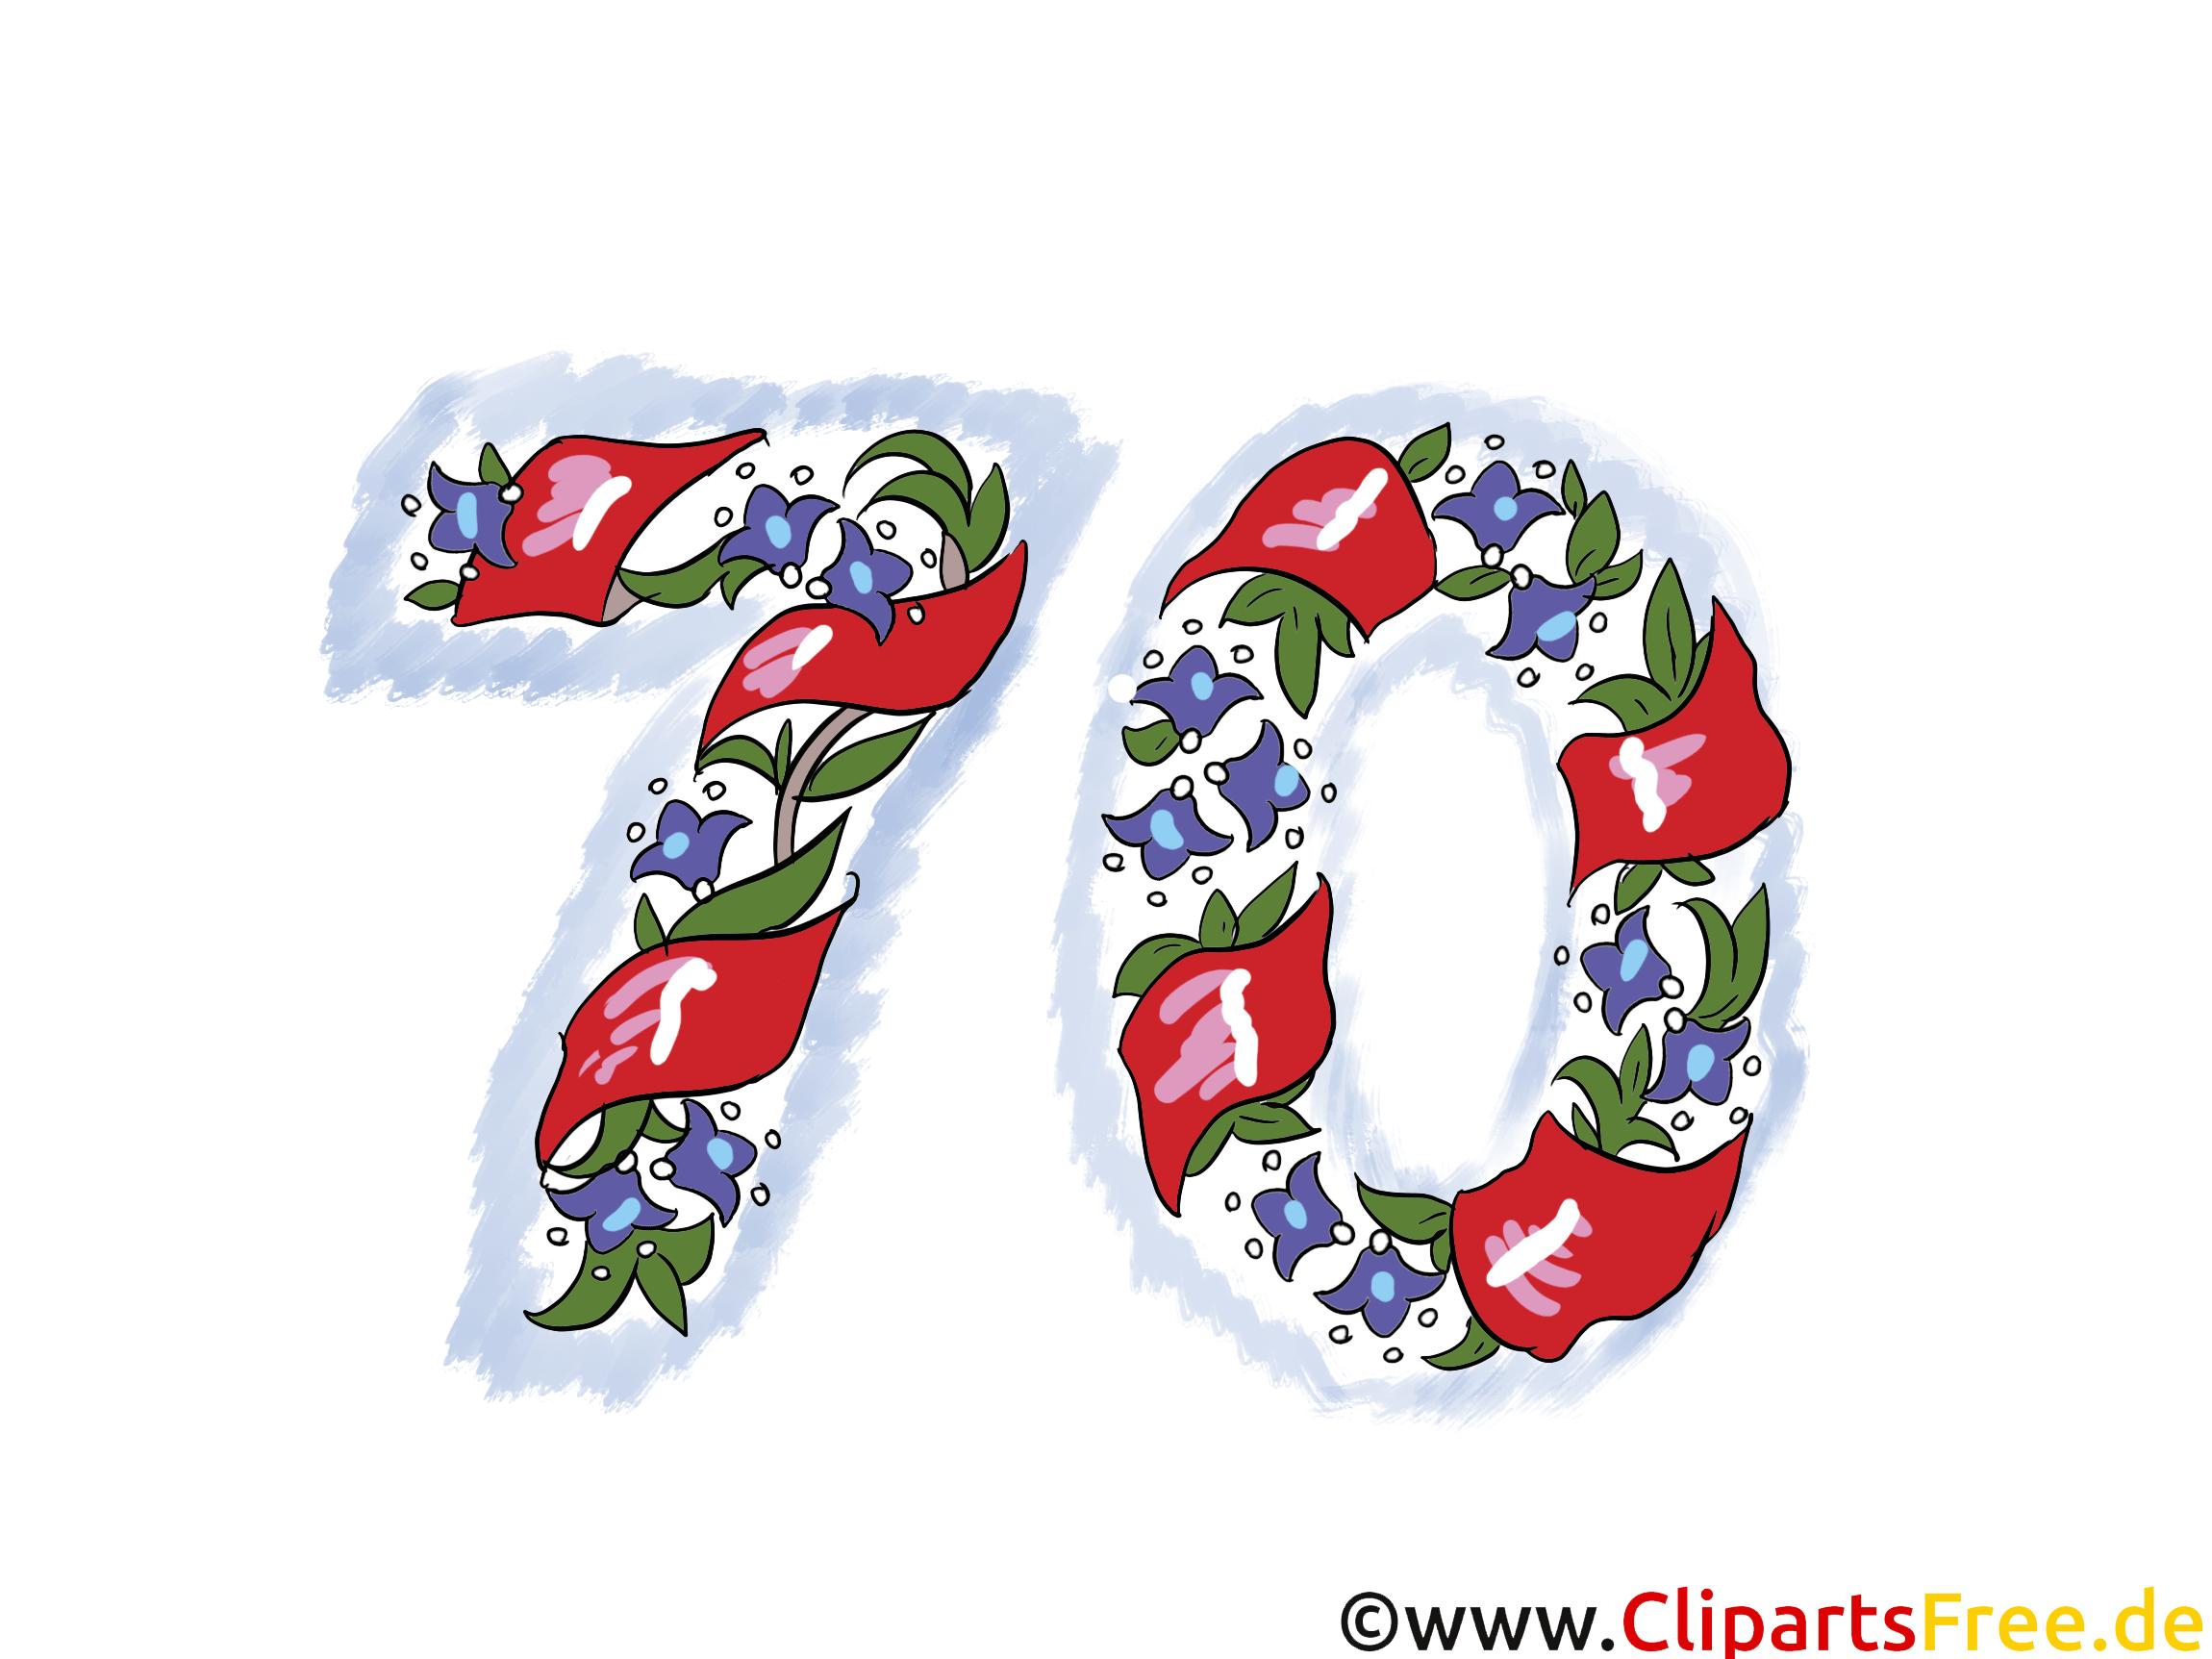 Geburtstag Wünsche 70 Jahre   Clipart Vorlage Für Wunschkarte, Einladung,  Danksagung